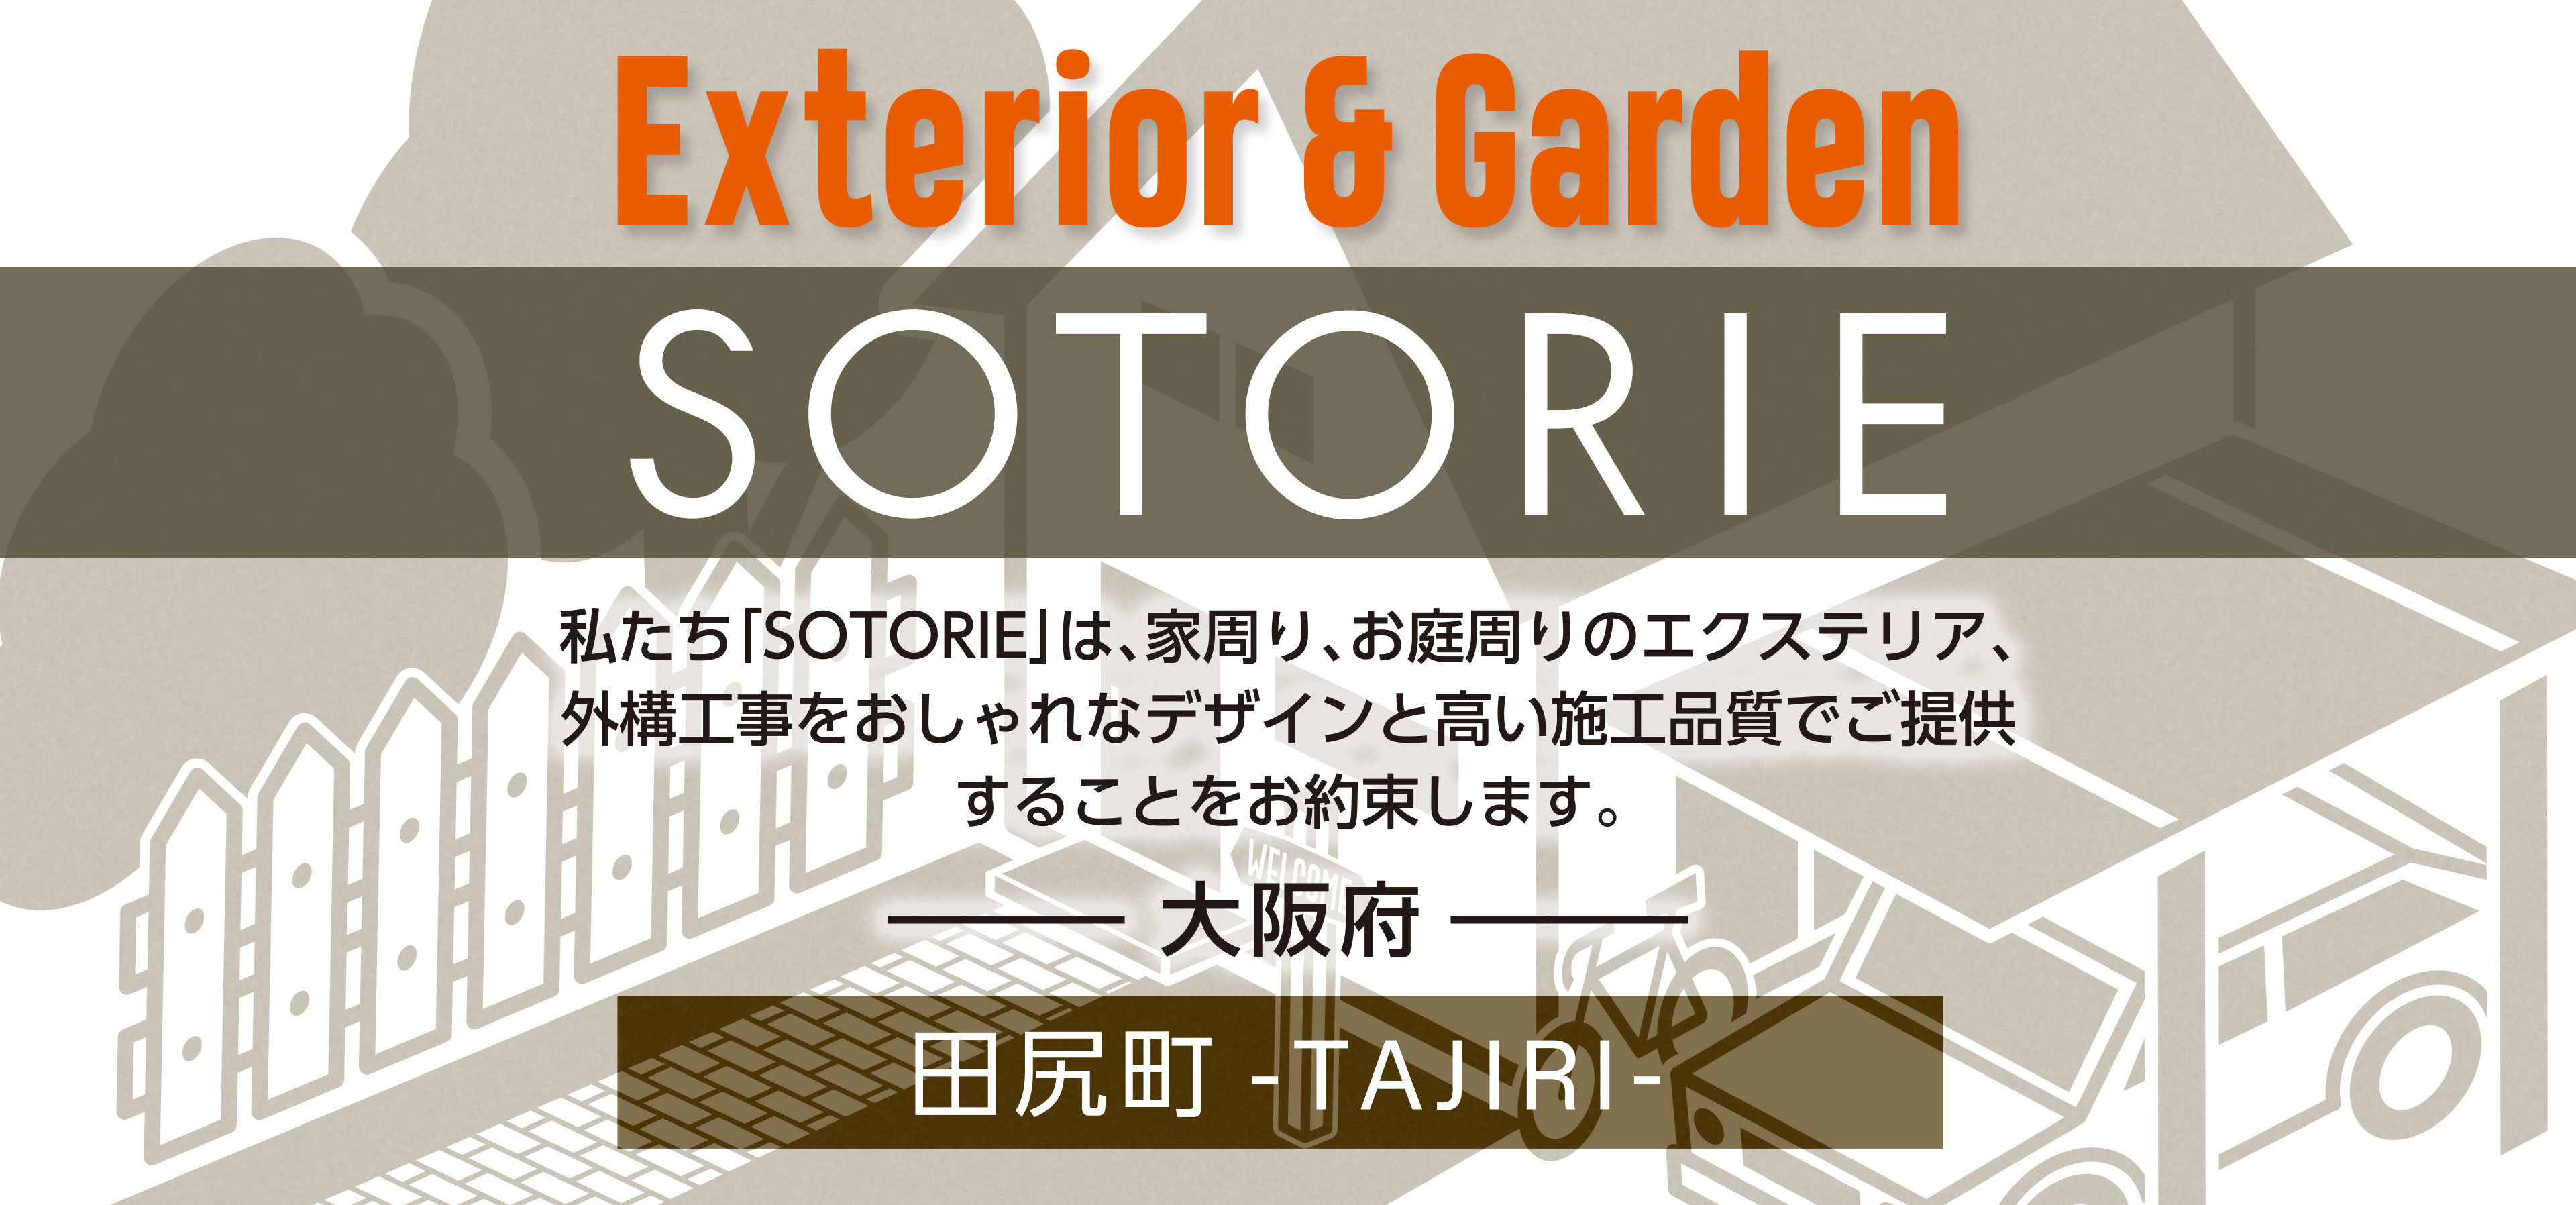 ソトリエ泉南郡田尻町では、家周りと庭周りの外構、エクステリア工事をおしゃれなデザインと高い施工品質でご提供することをお約束します。